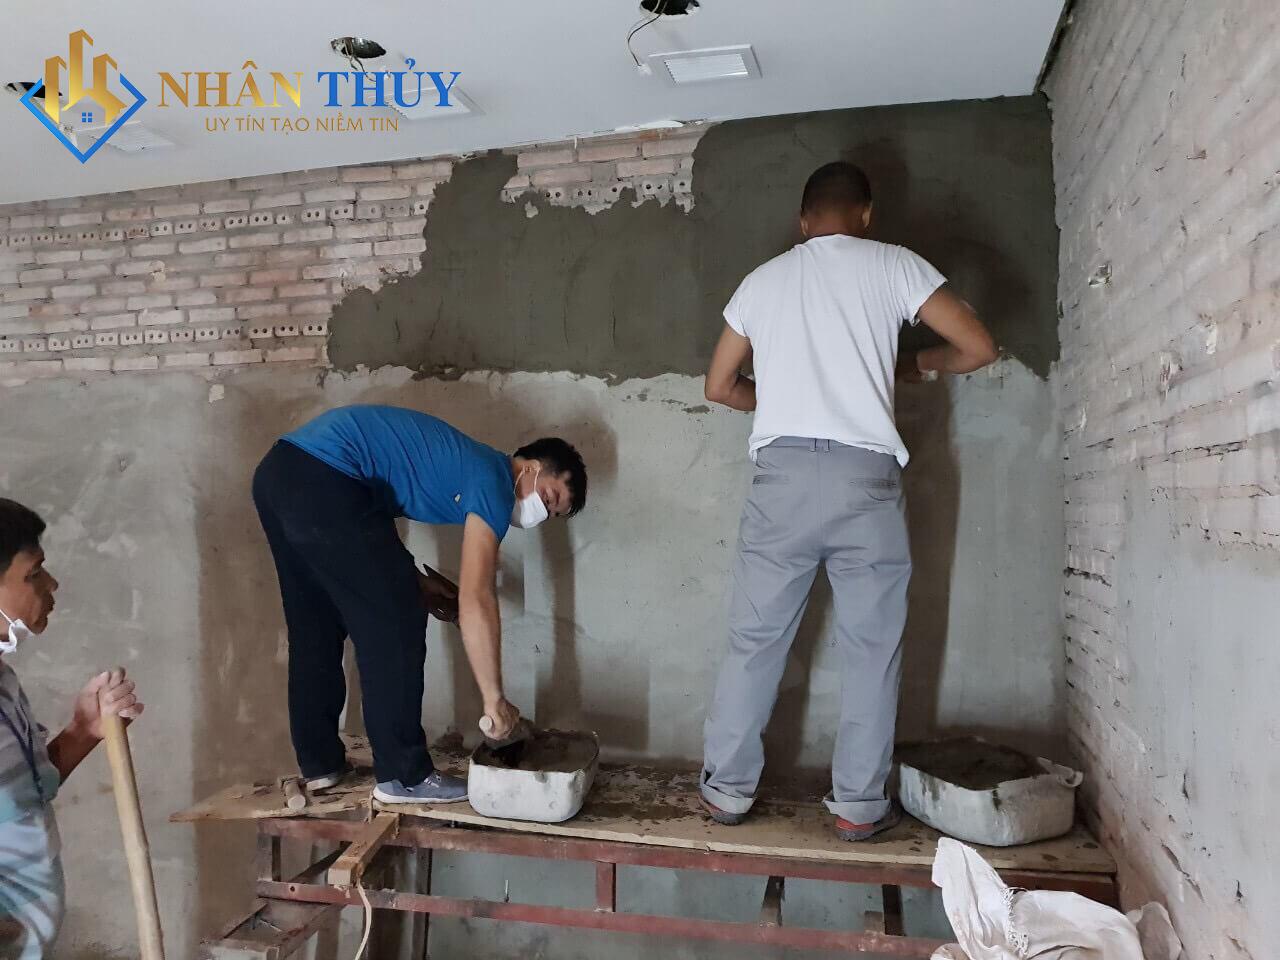 sửa chữa nhà giá rẻ tại quận 11